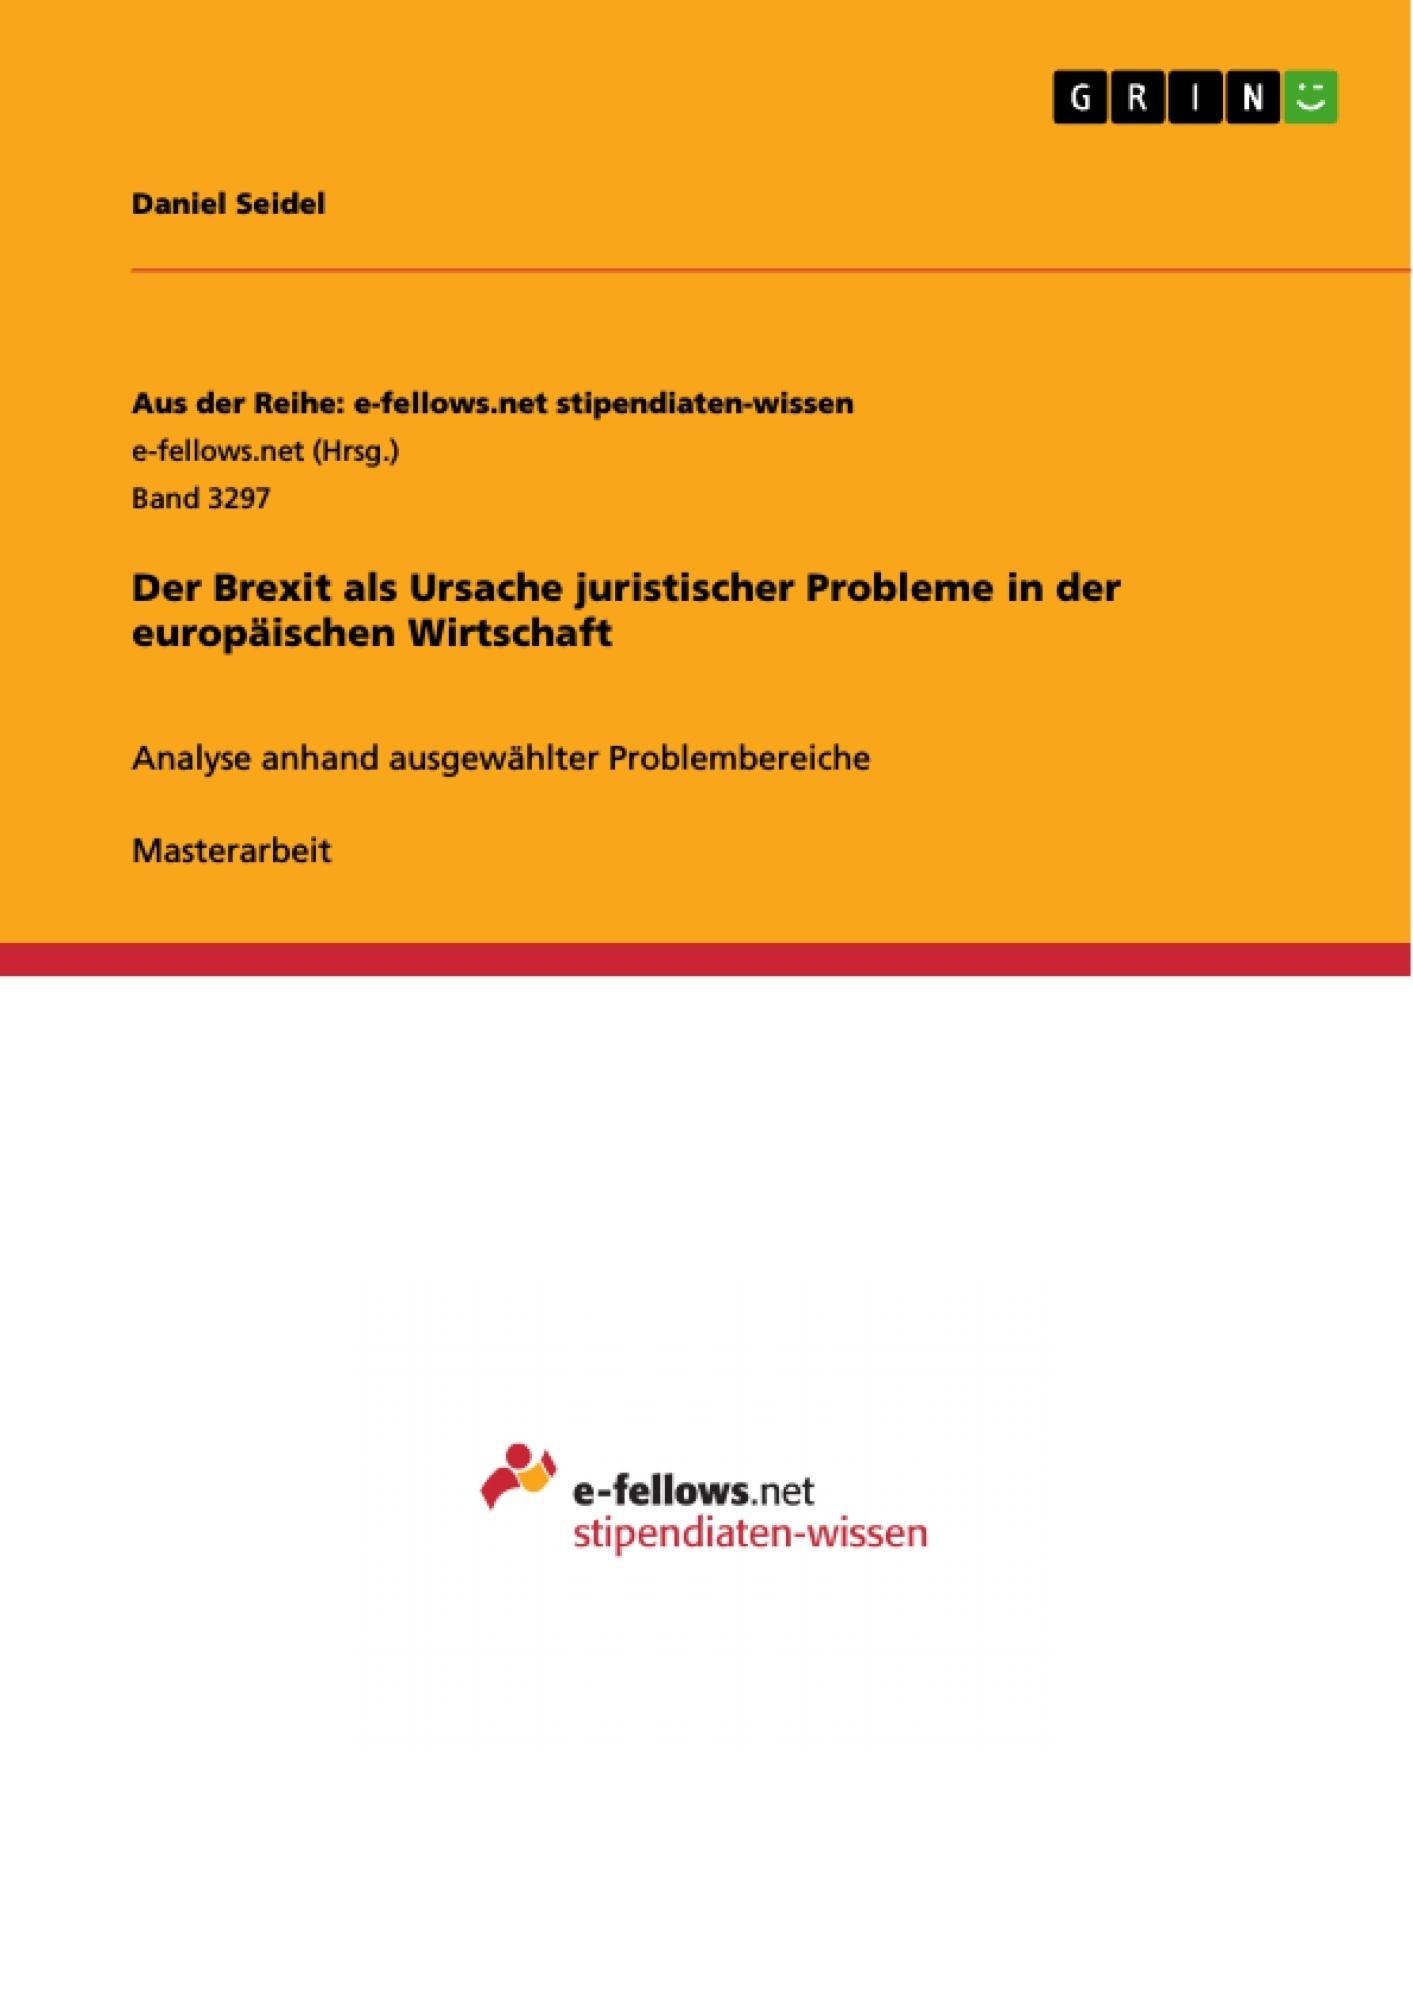 Titel: Der Brexit als Ursache juristischer Probleme in der europäischen Wirtschaft